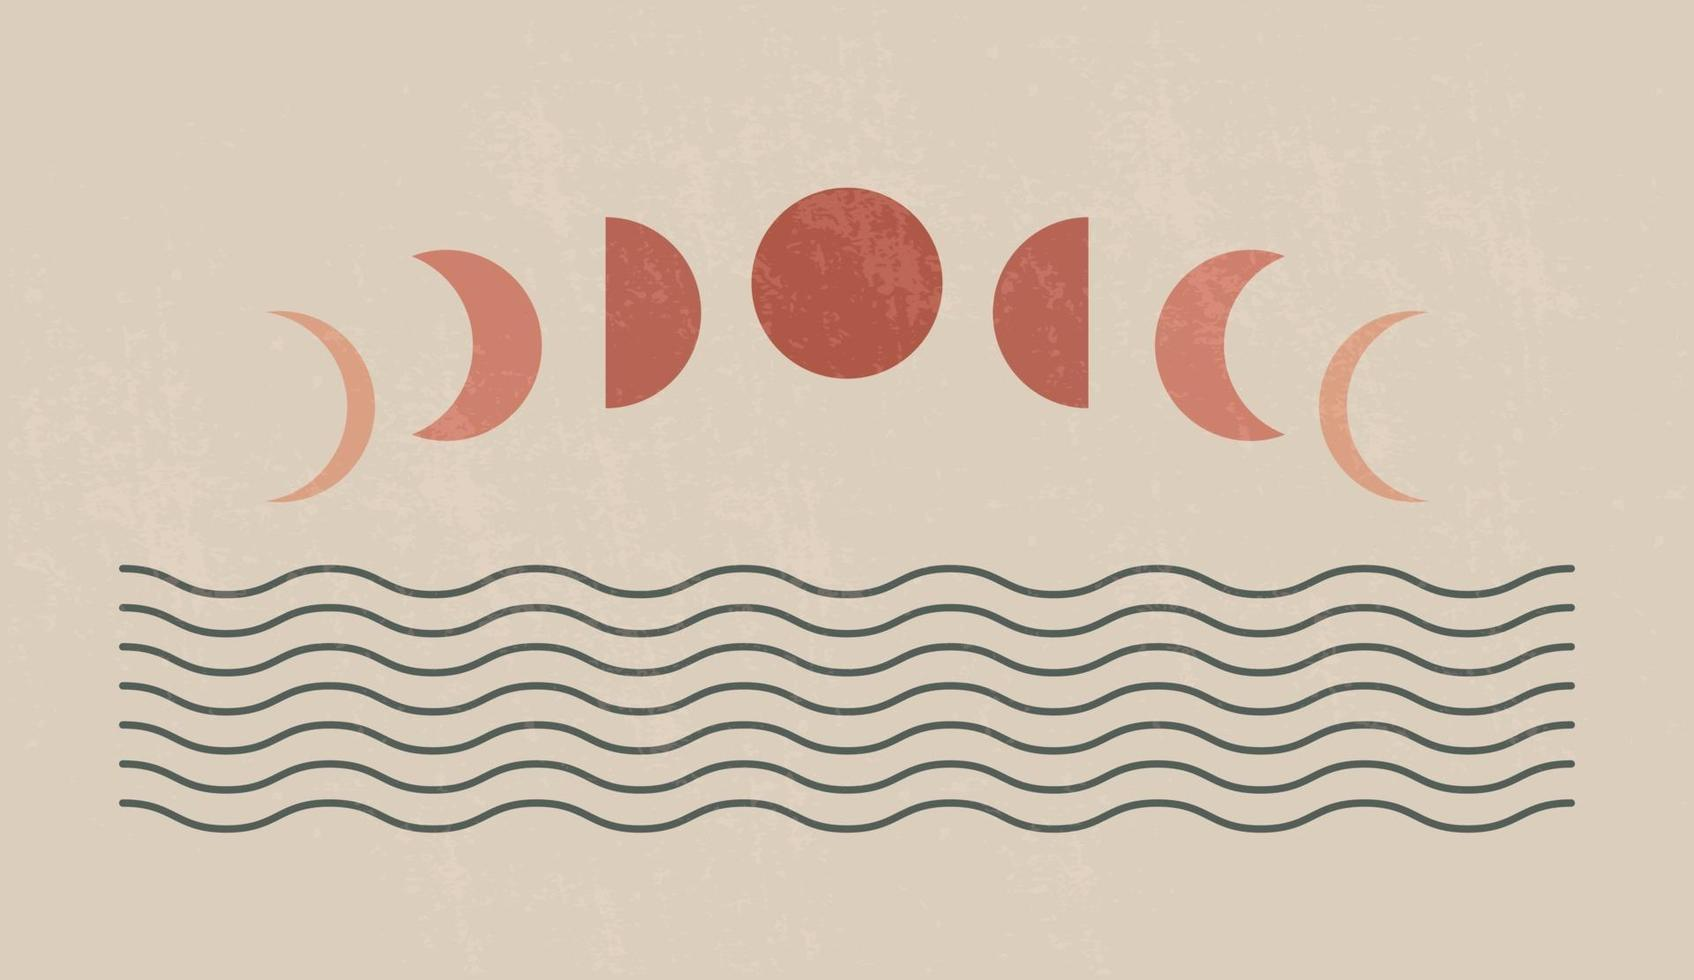 moderner minimalistischer Kunstdruck der Mitte des Jahrhunderts mit organischer natürlicher Form. abstrakter zeitgenössischer ästhetischer Hintergrund mit geometrischen Mondphasen und Meer. Boho Wanddekoration. vektor